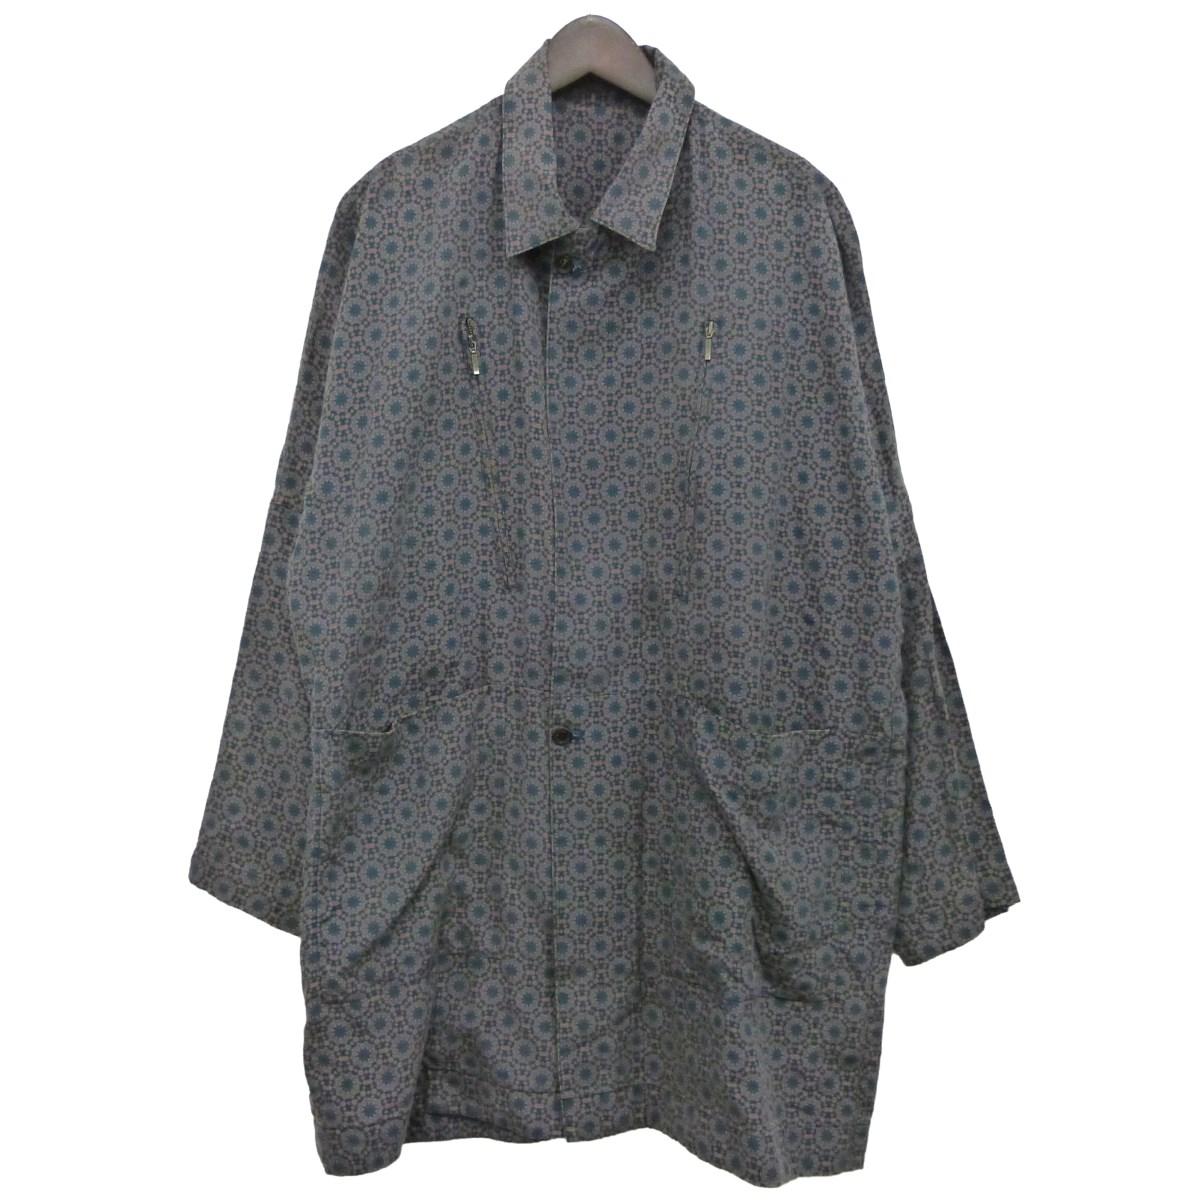 【中古】YANTOR 「Geometric Long Jacket」幾何学柄ロングジャケット ネイビー×オレンジ サイズ:S 【220420】(ヤントール)